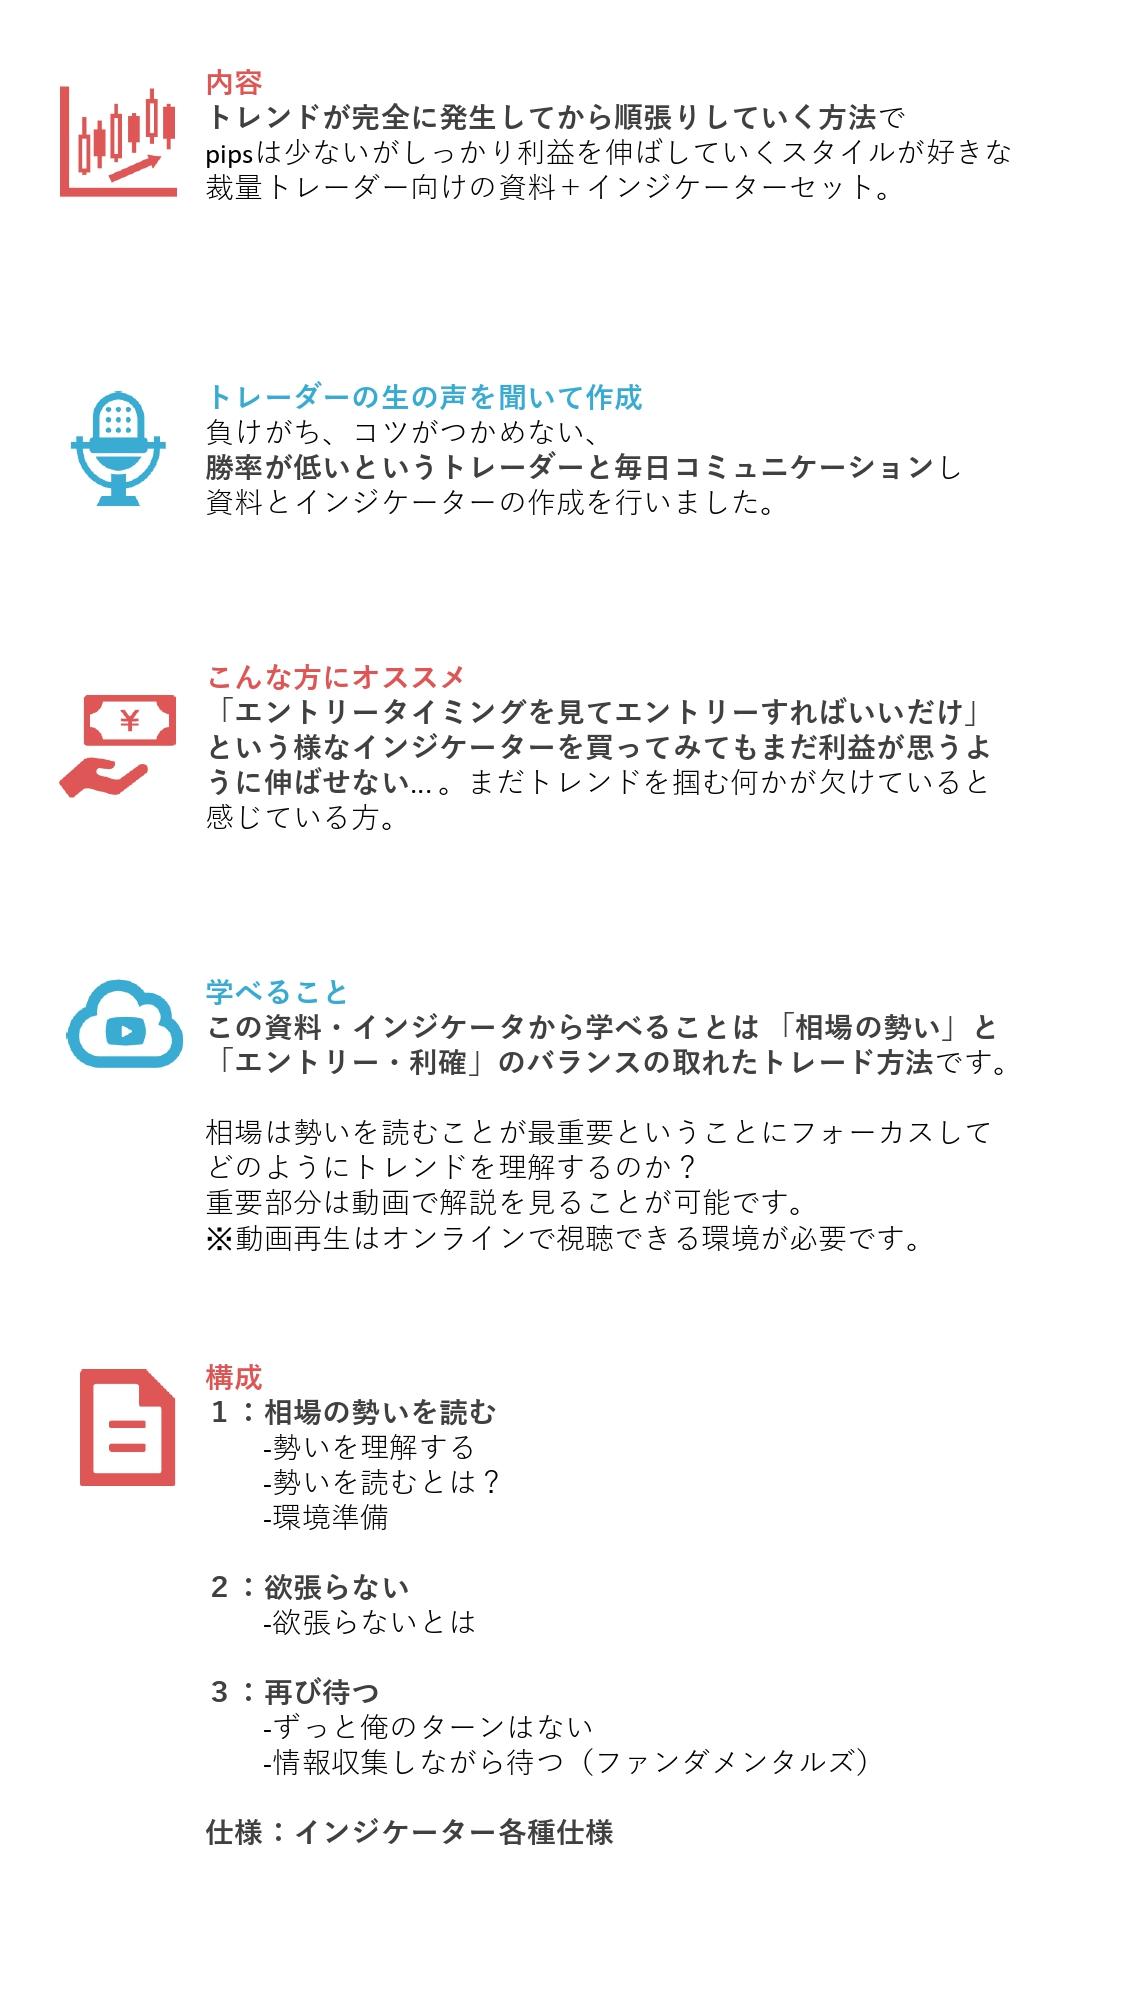 詳細ページ_page-0001.jpg